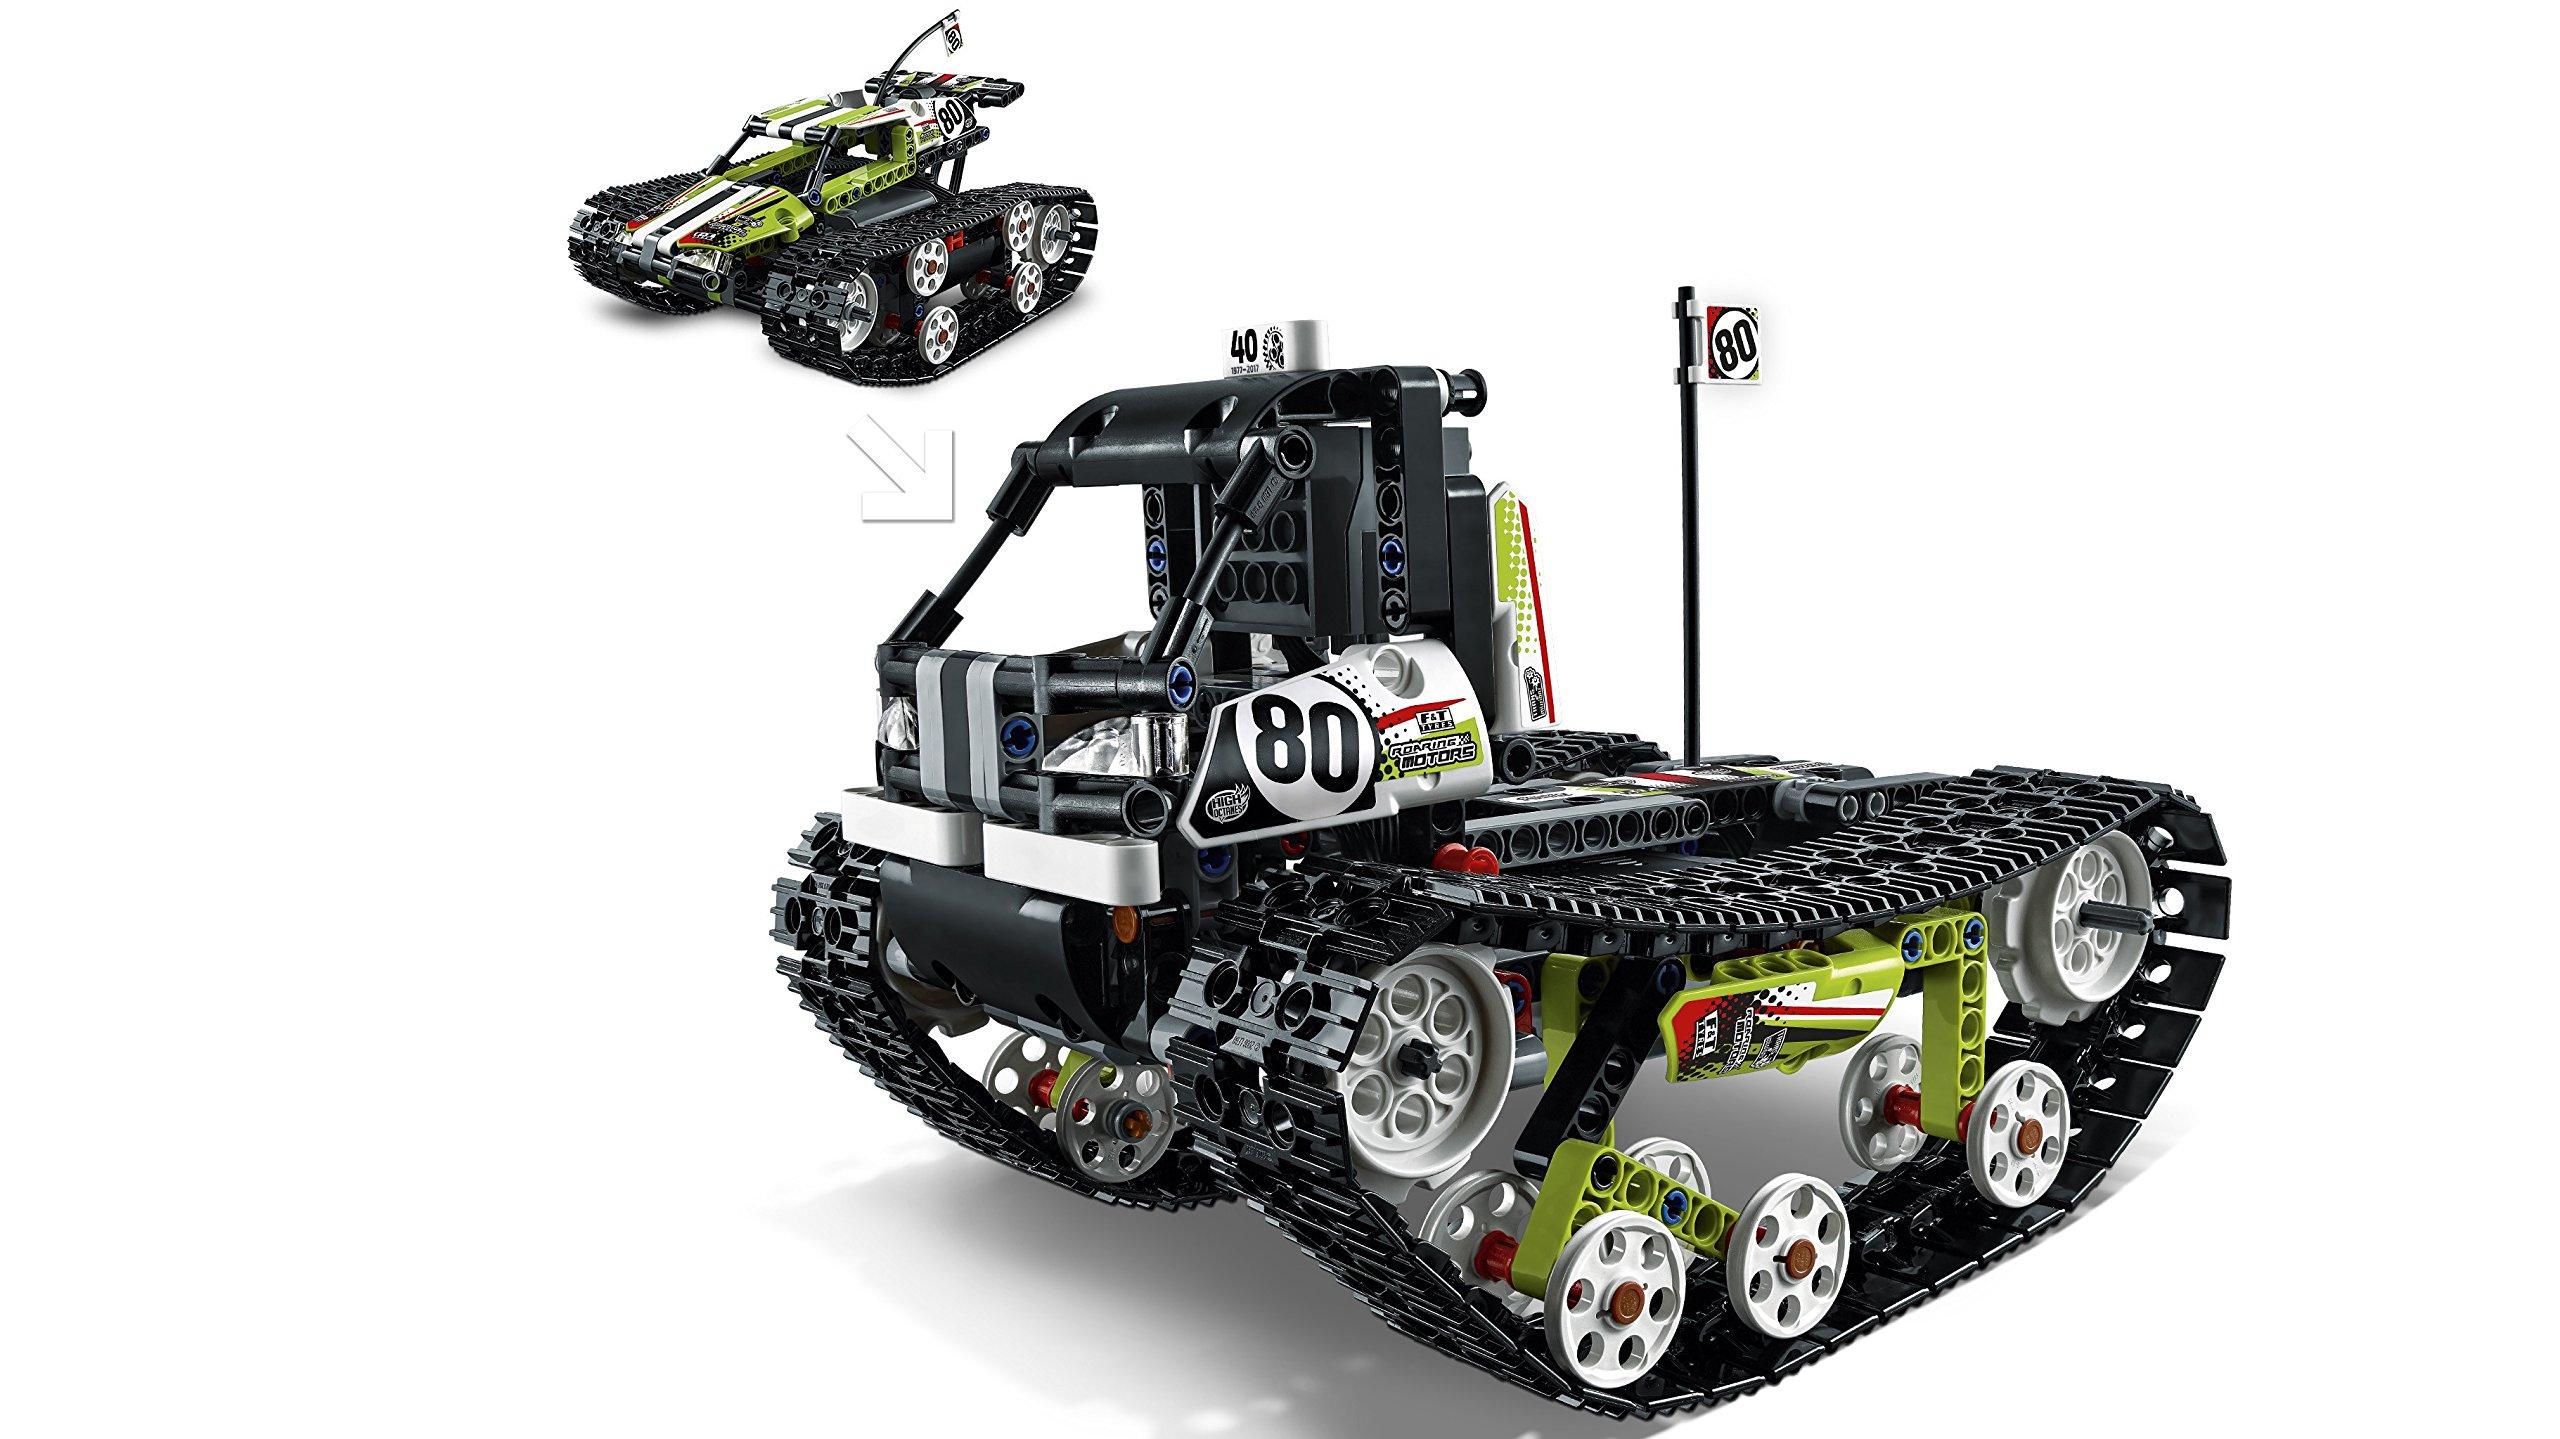 LEGO- Technic Cars Racer Cingolato Telecomandato Costruzioni Piccole Gioco Bambina, Multicolore, 42065 3 spesavip